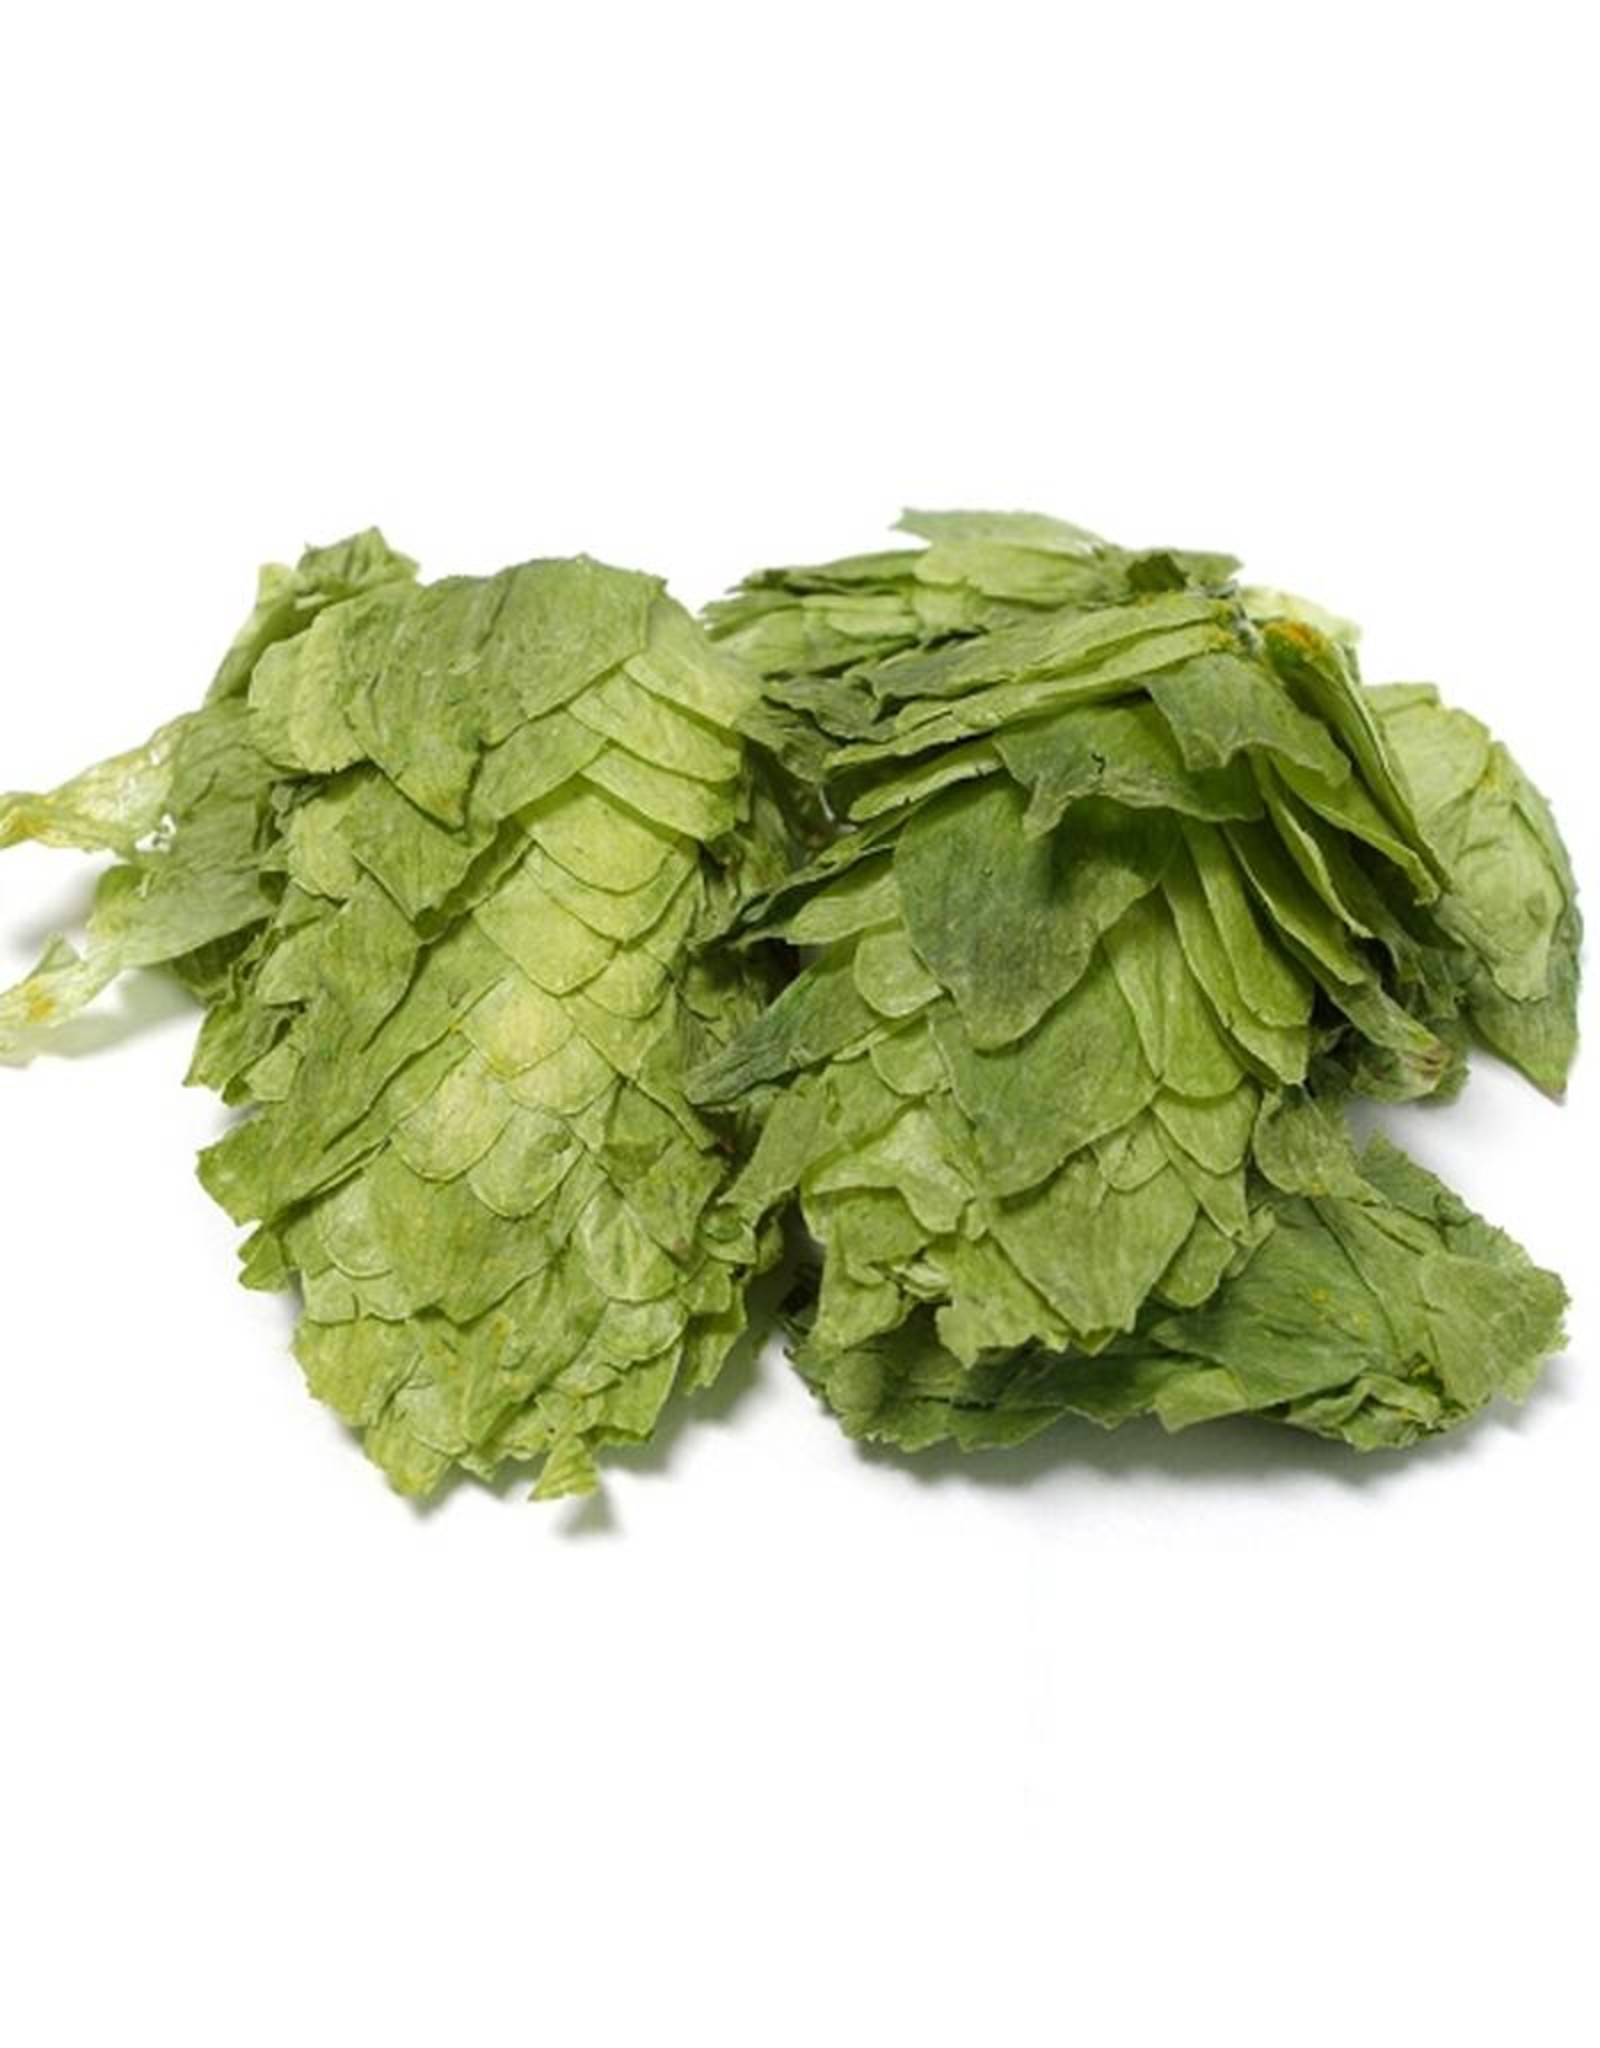 Willamette Leaf Hops  (1lb)